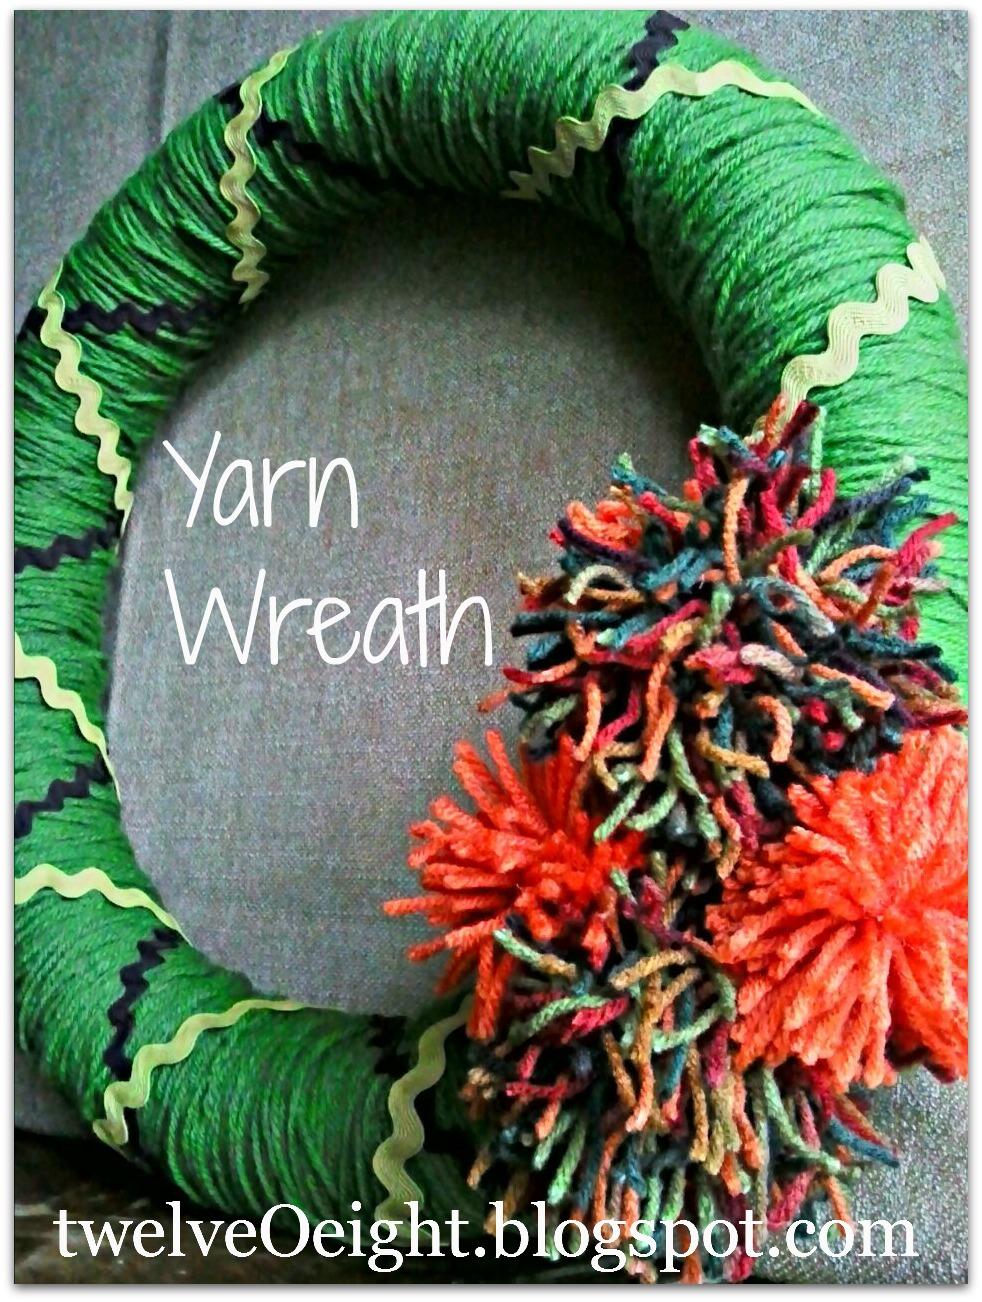 yarn+wreath+final+main+pic.jpg